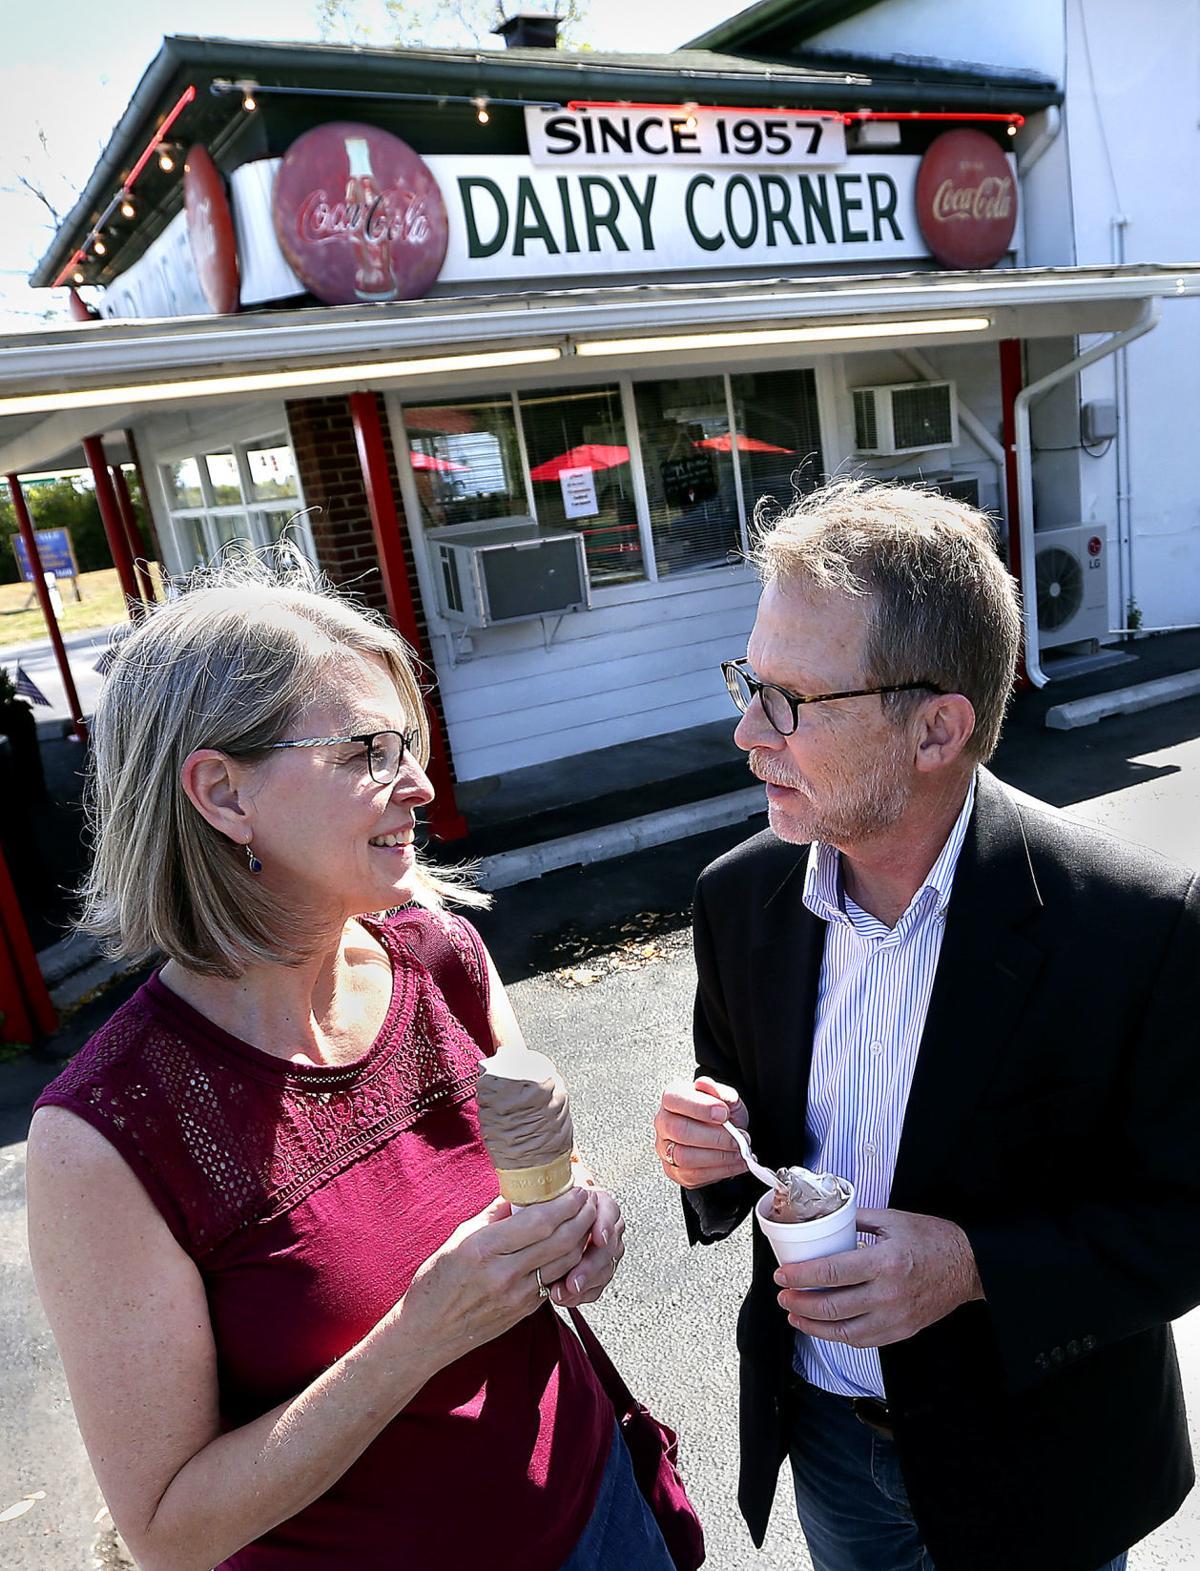 Dairy Corner